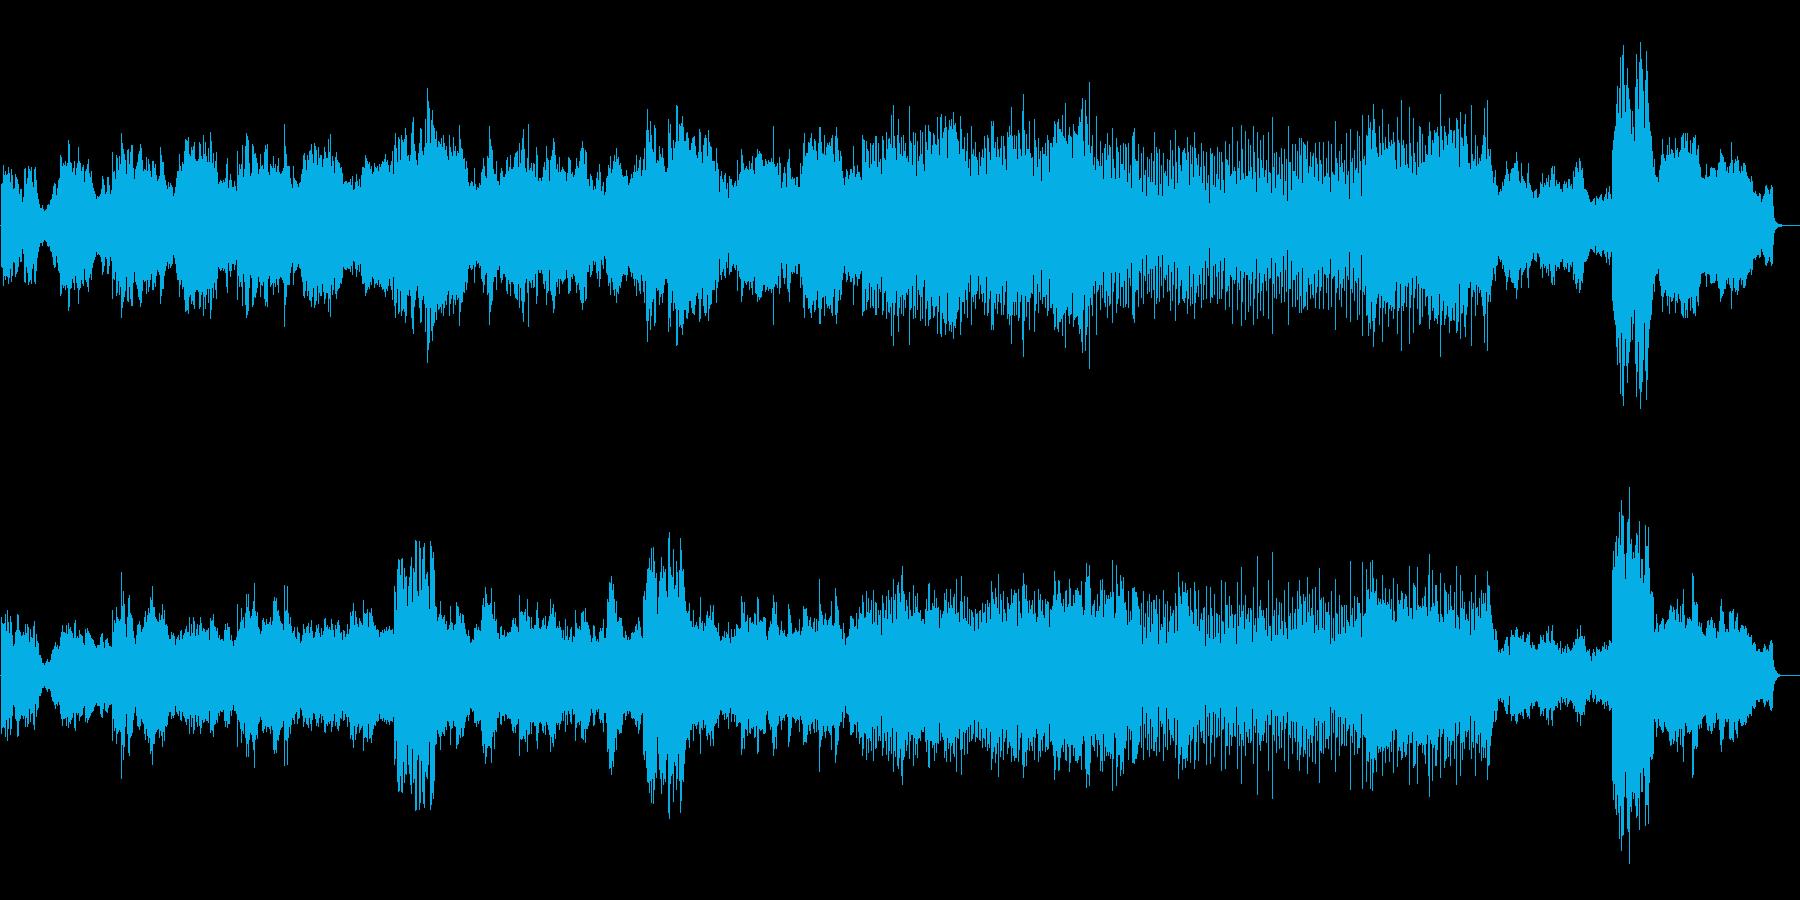 エキゾチックな民族音楽風ボーカル曲の再生済みの波形